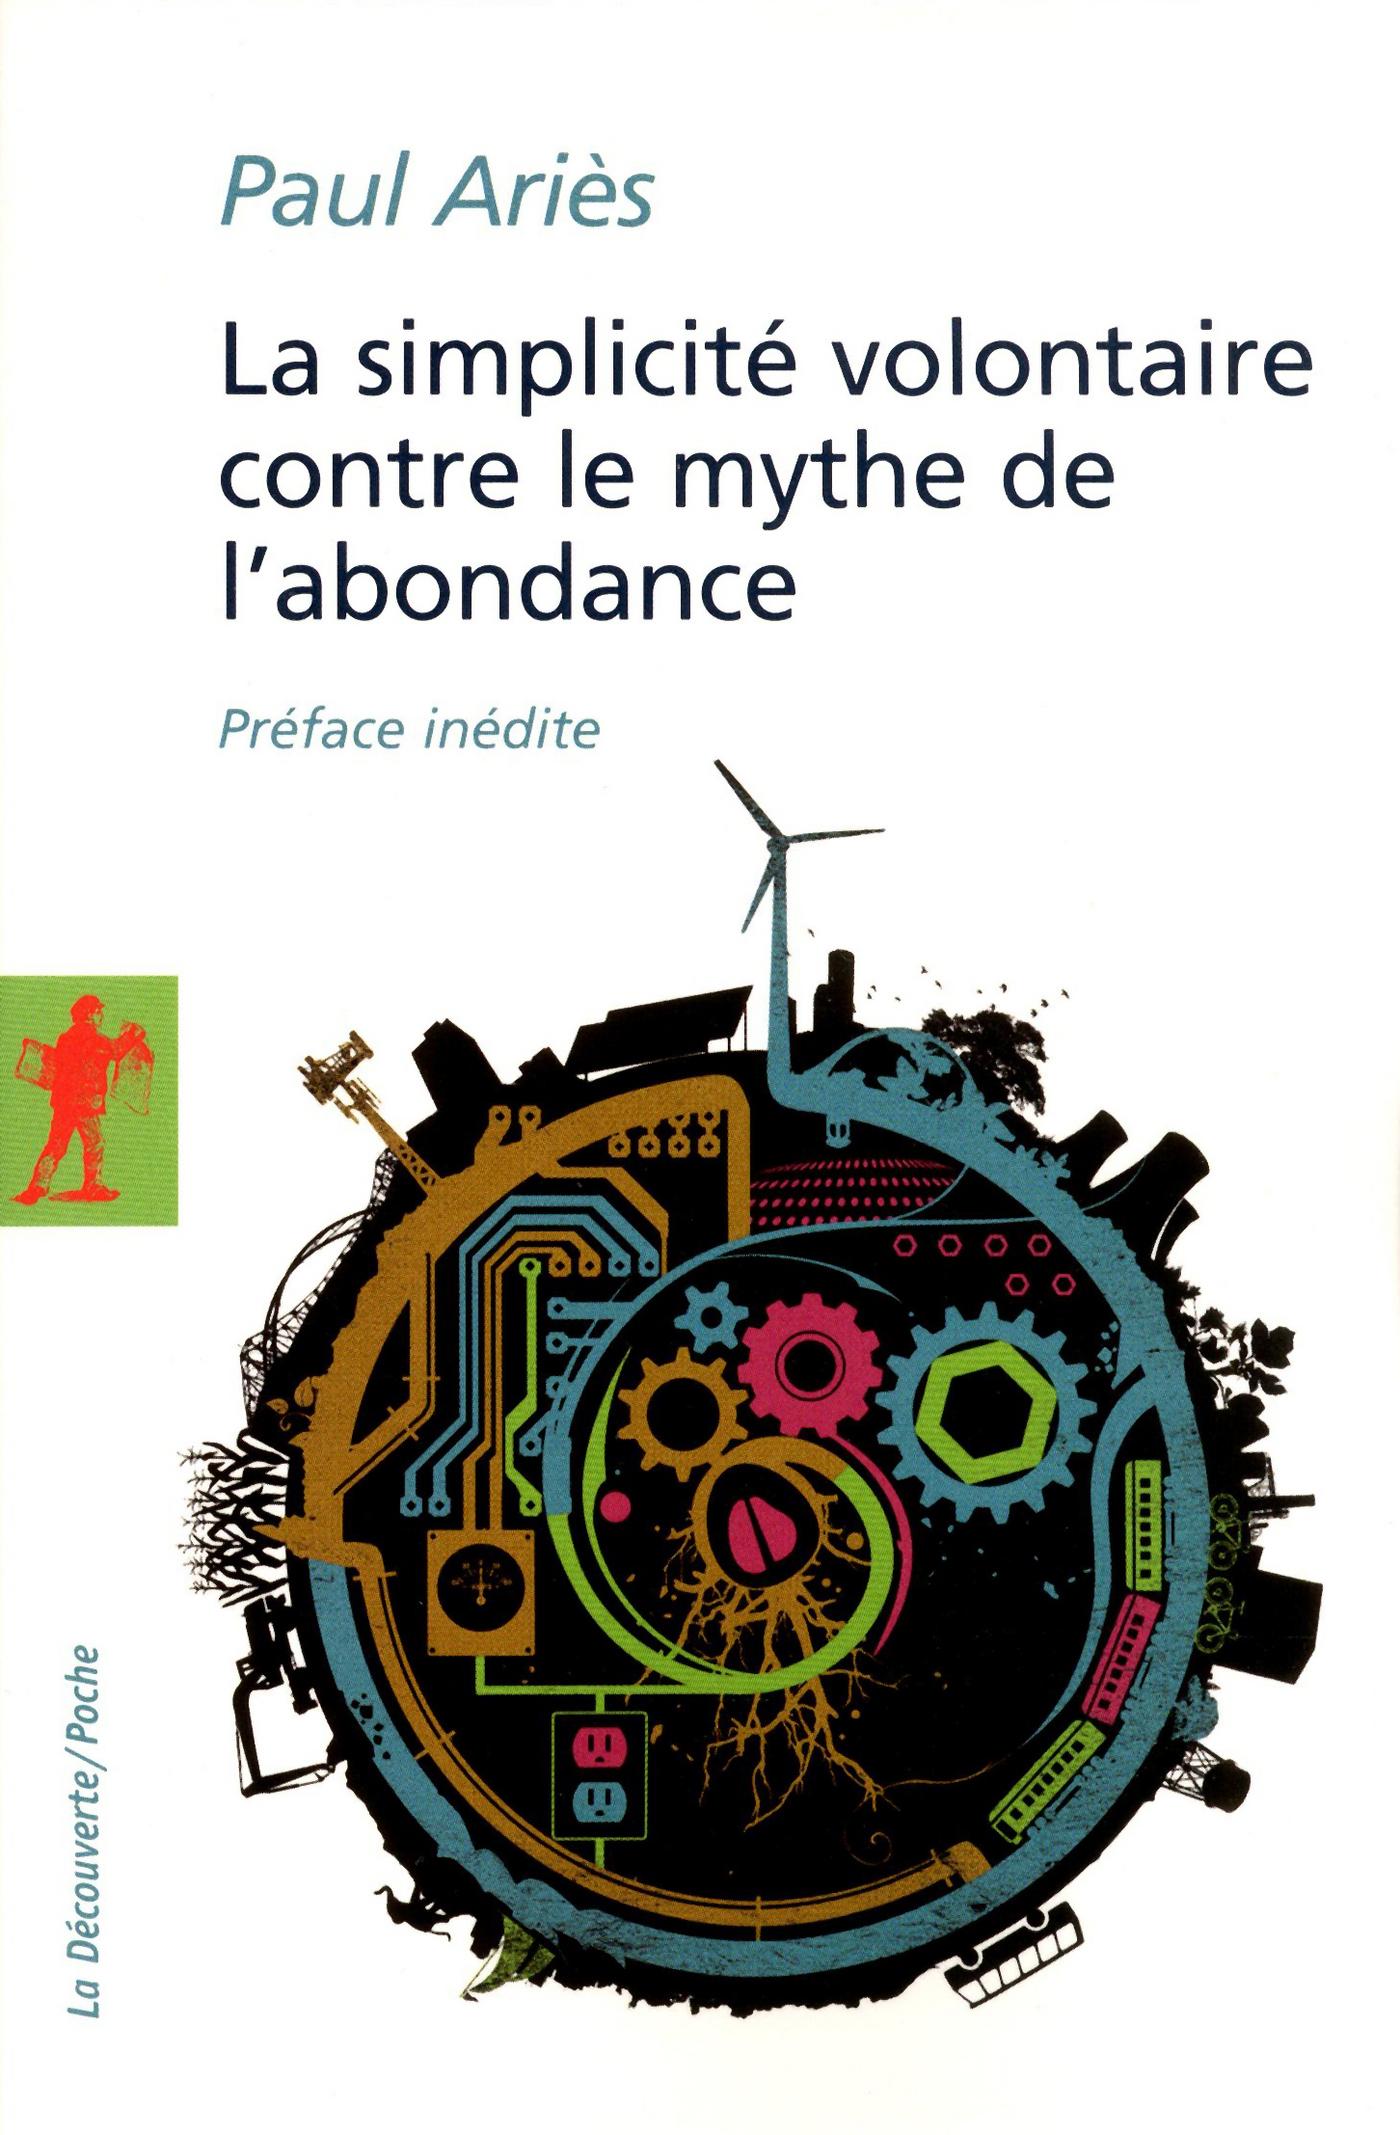 La simplicité volontaire contre le mythe de l'abondance (ebook)